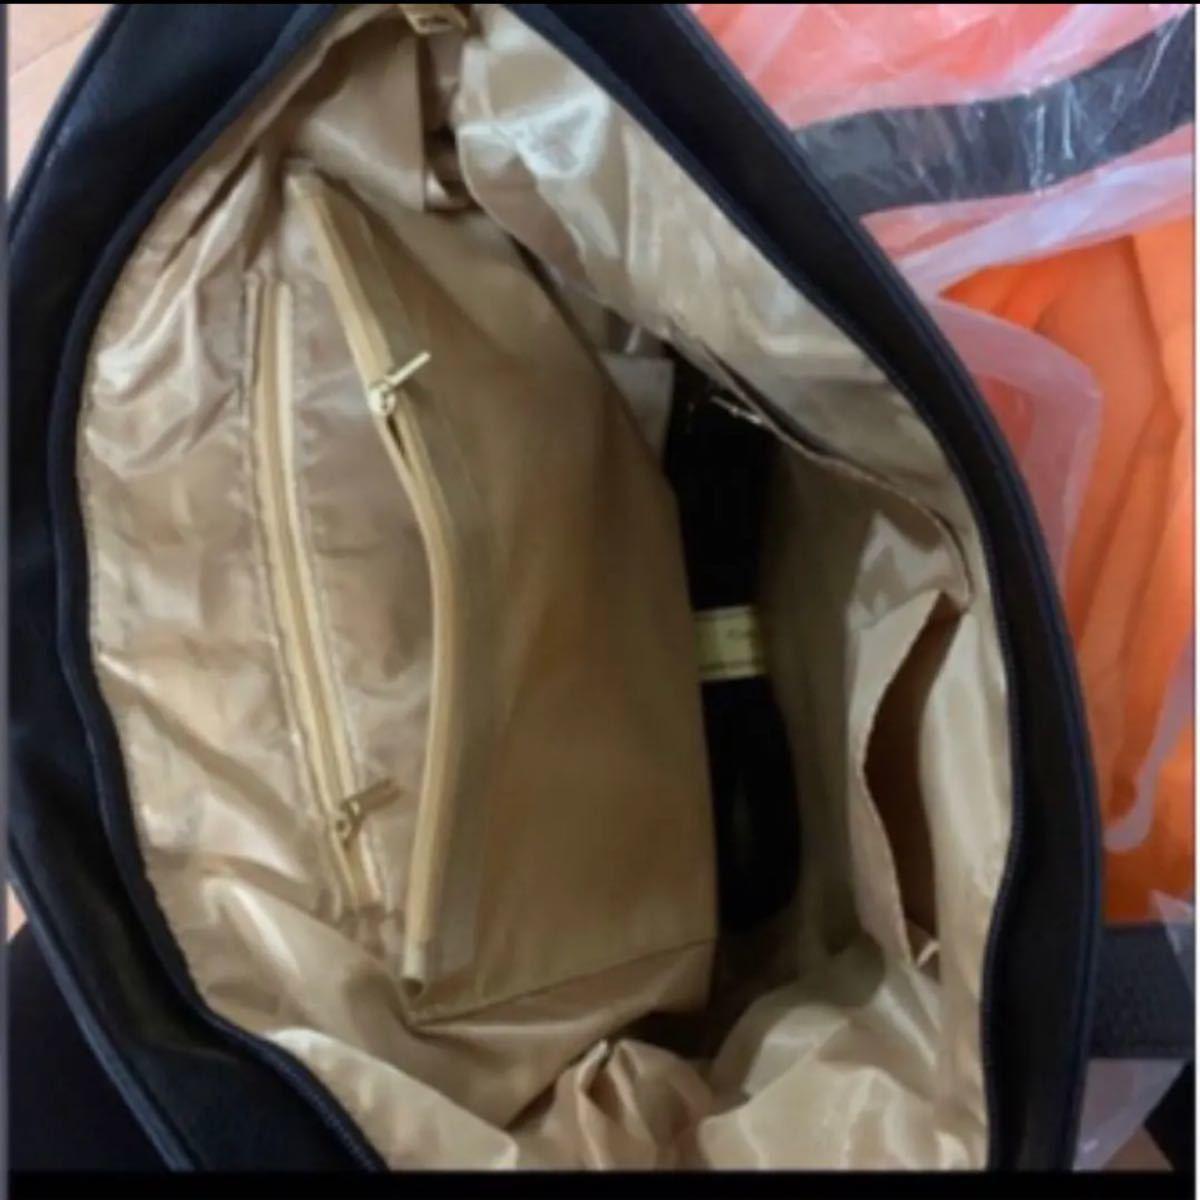 トートバッグ レディース 大容量, ショルダーバッグ A4 バッグインバッグ 3way トートバッグ 通勤 旅行 バック カバン